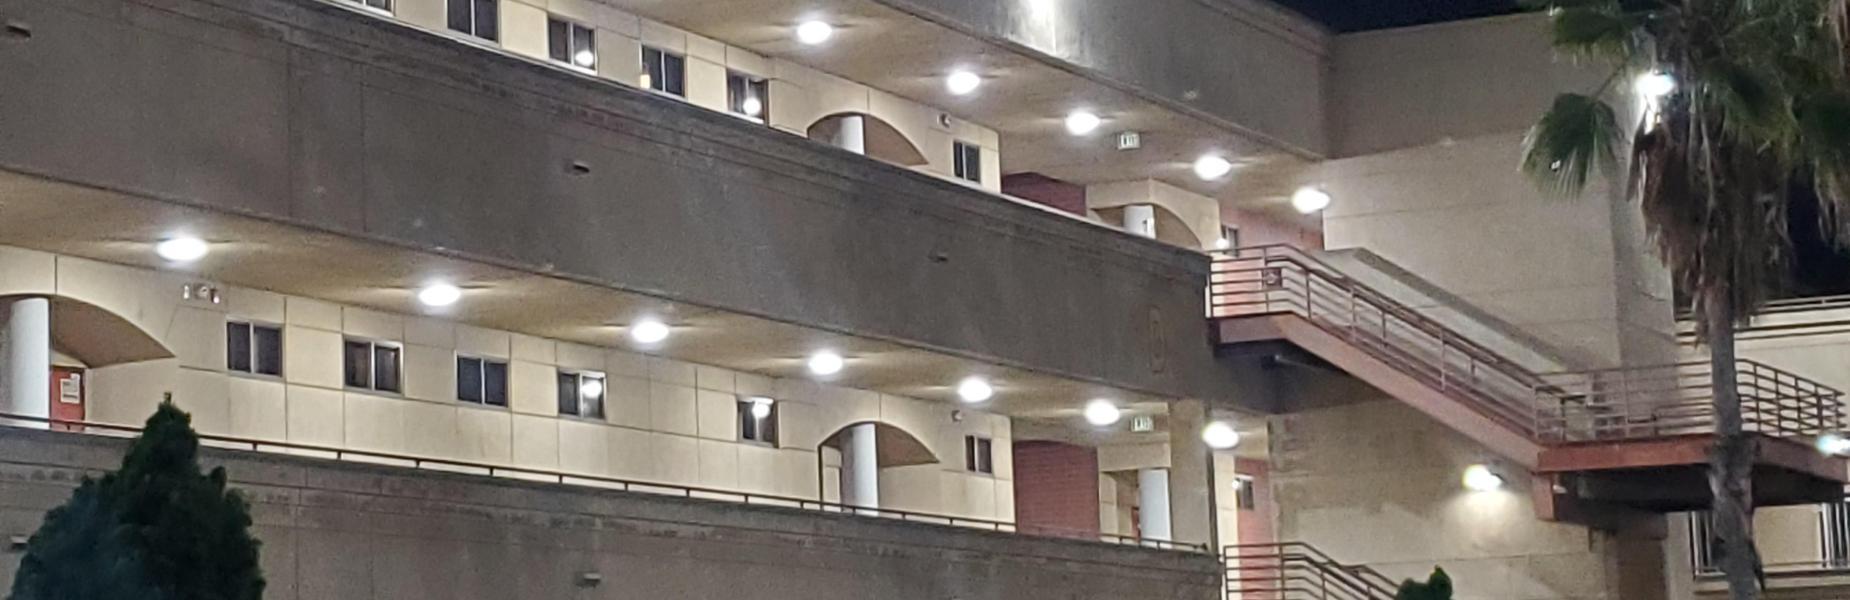 AHS Buildings